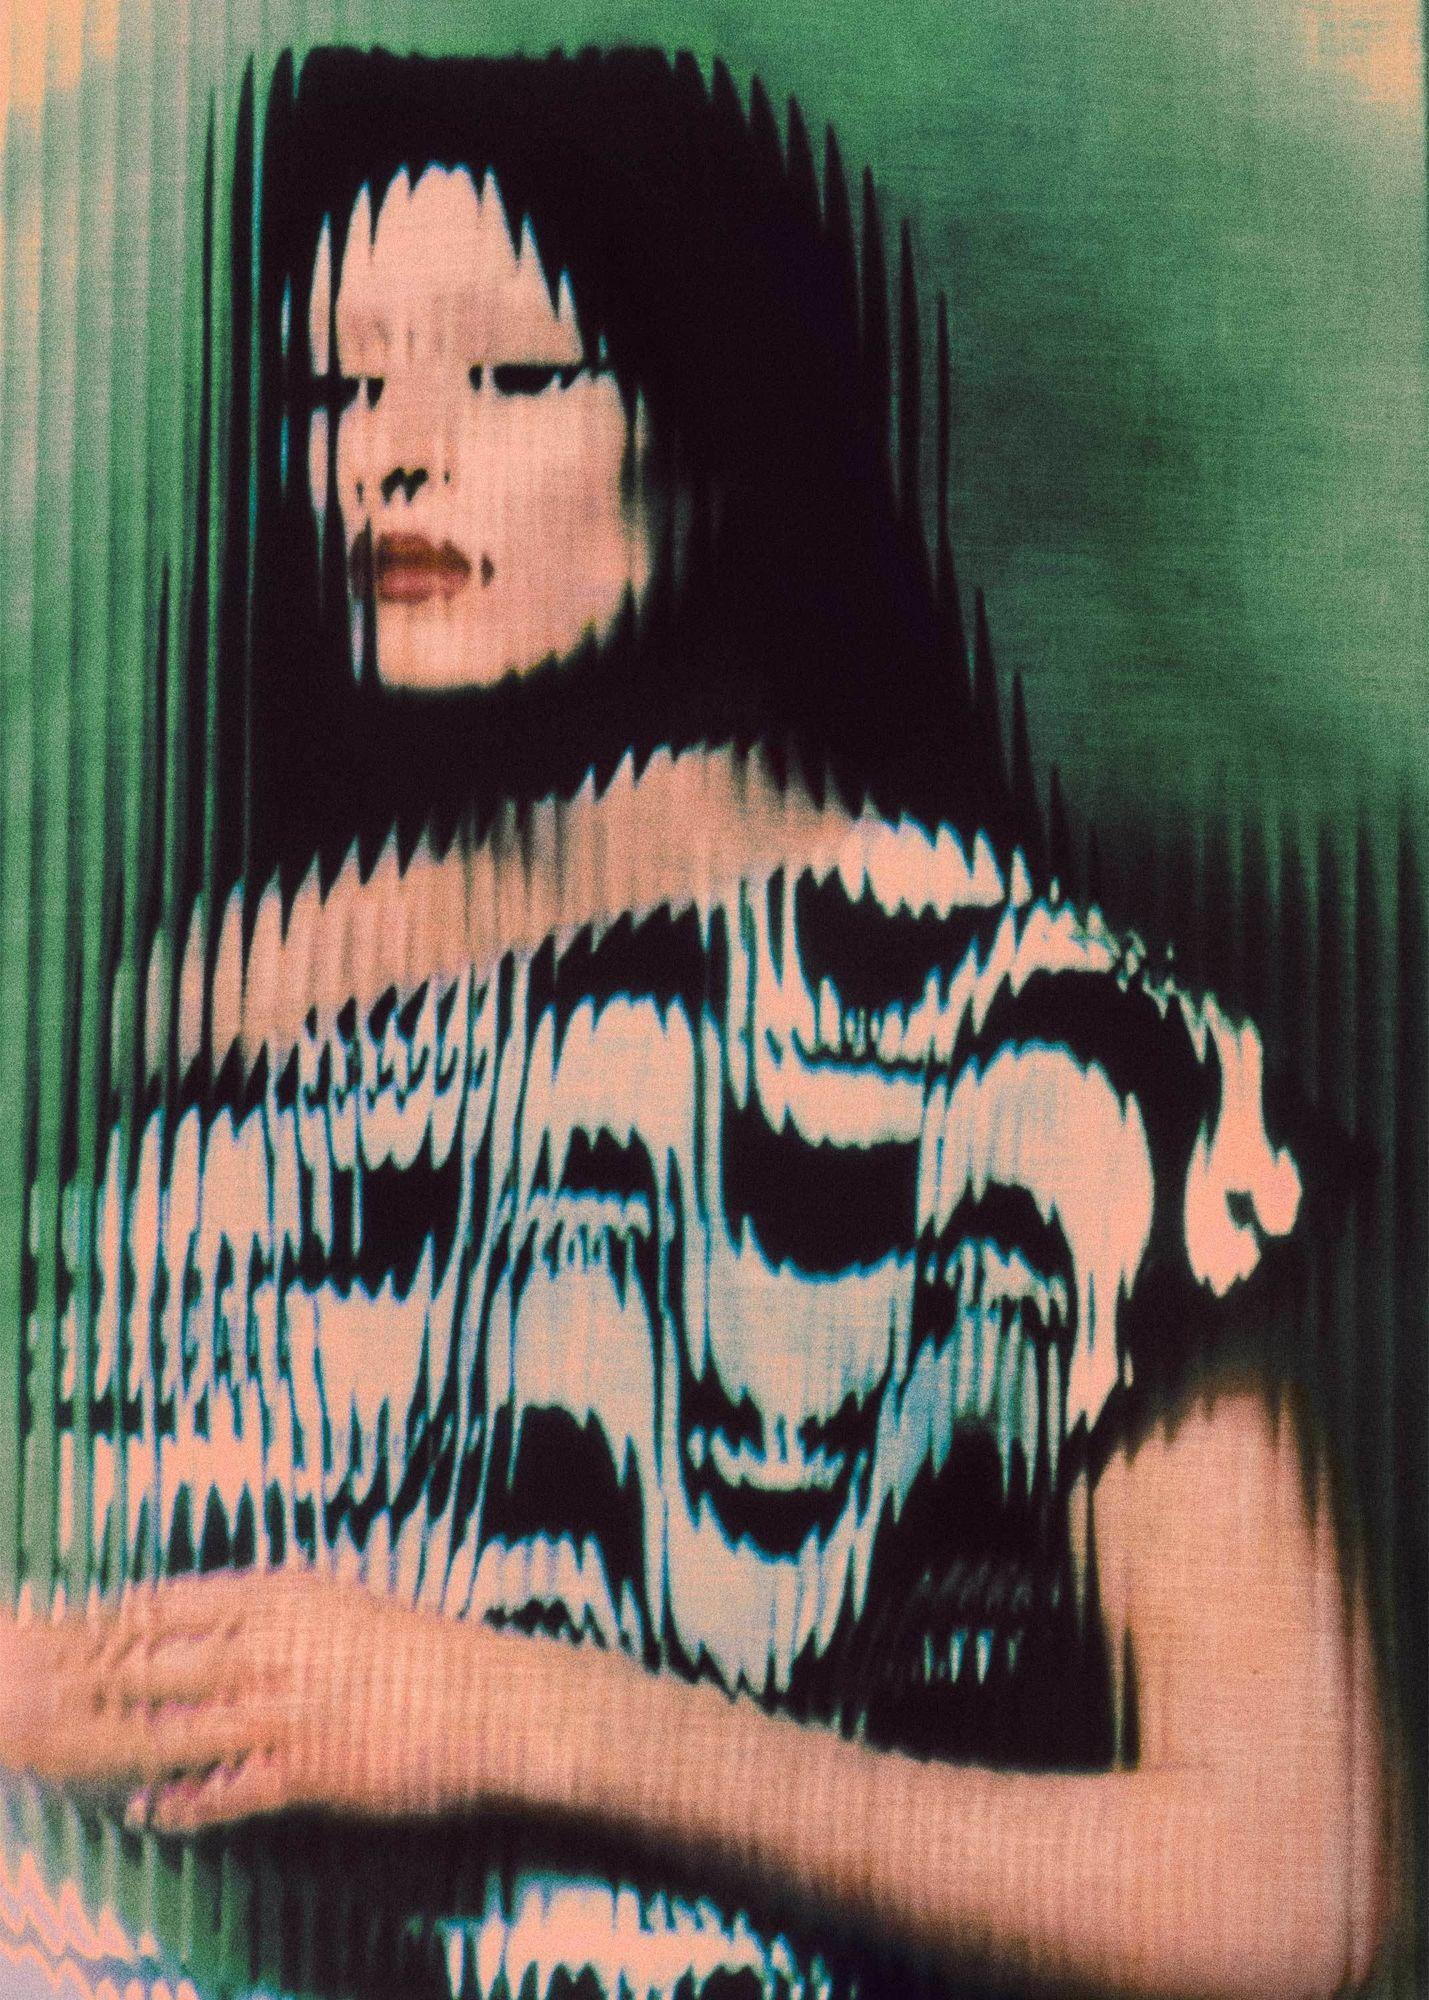 BLINK IMAGING: ELIZAVETA PORODINA, DAZED - CHANEL BEAUTY